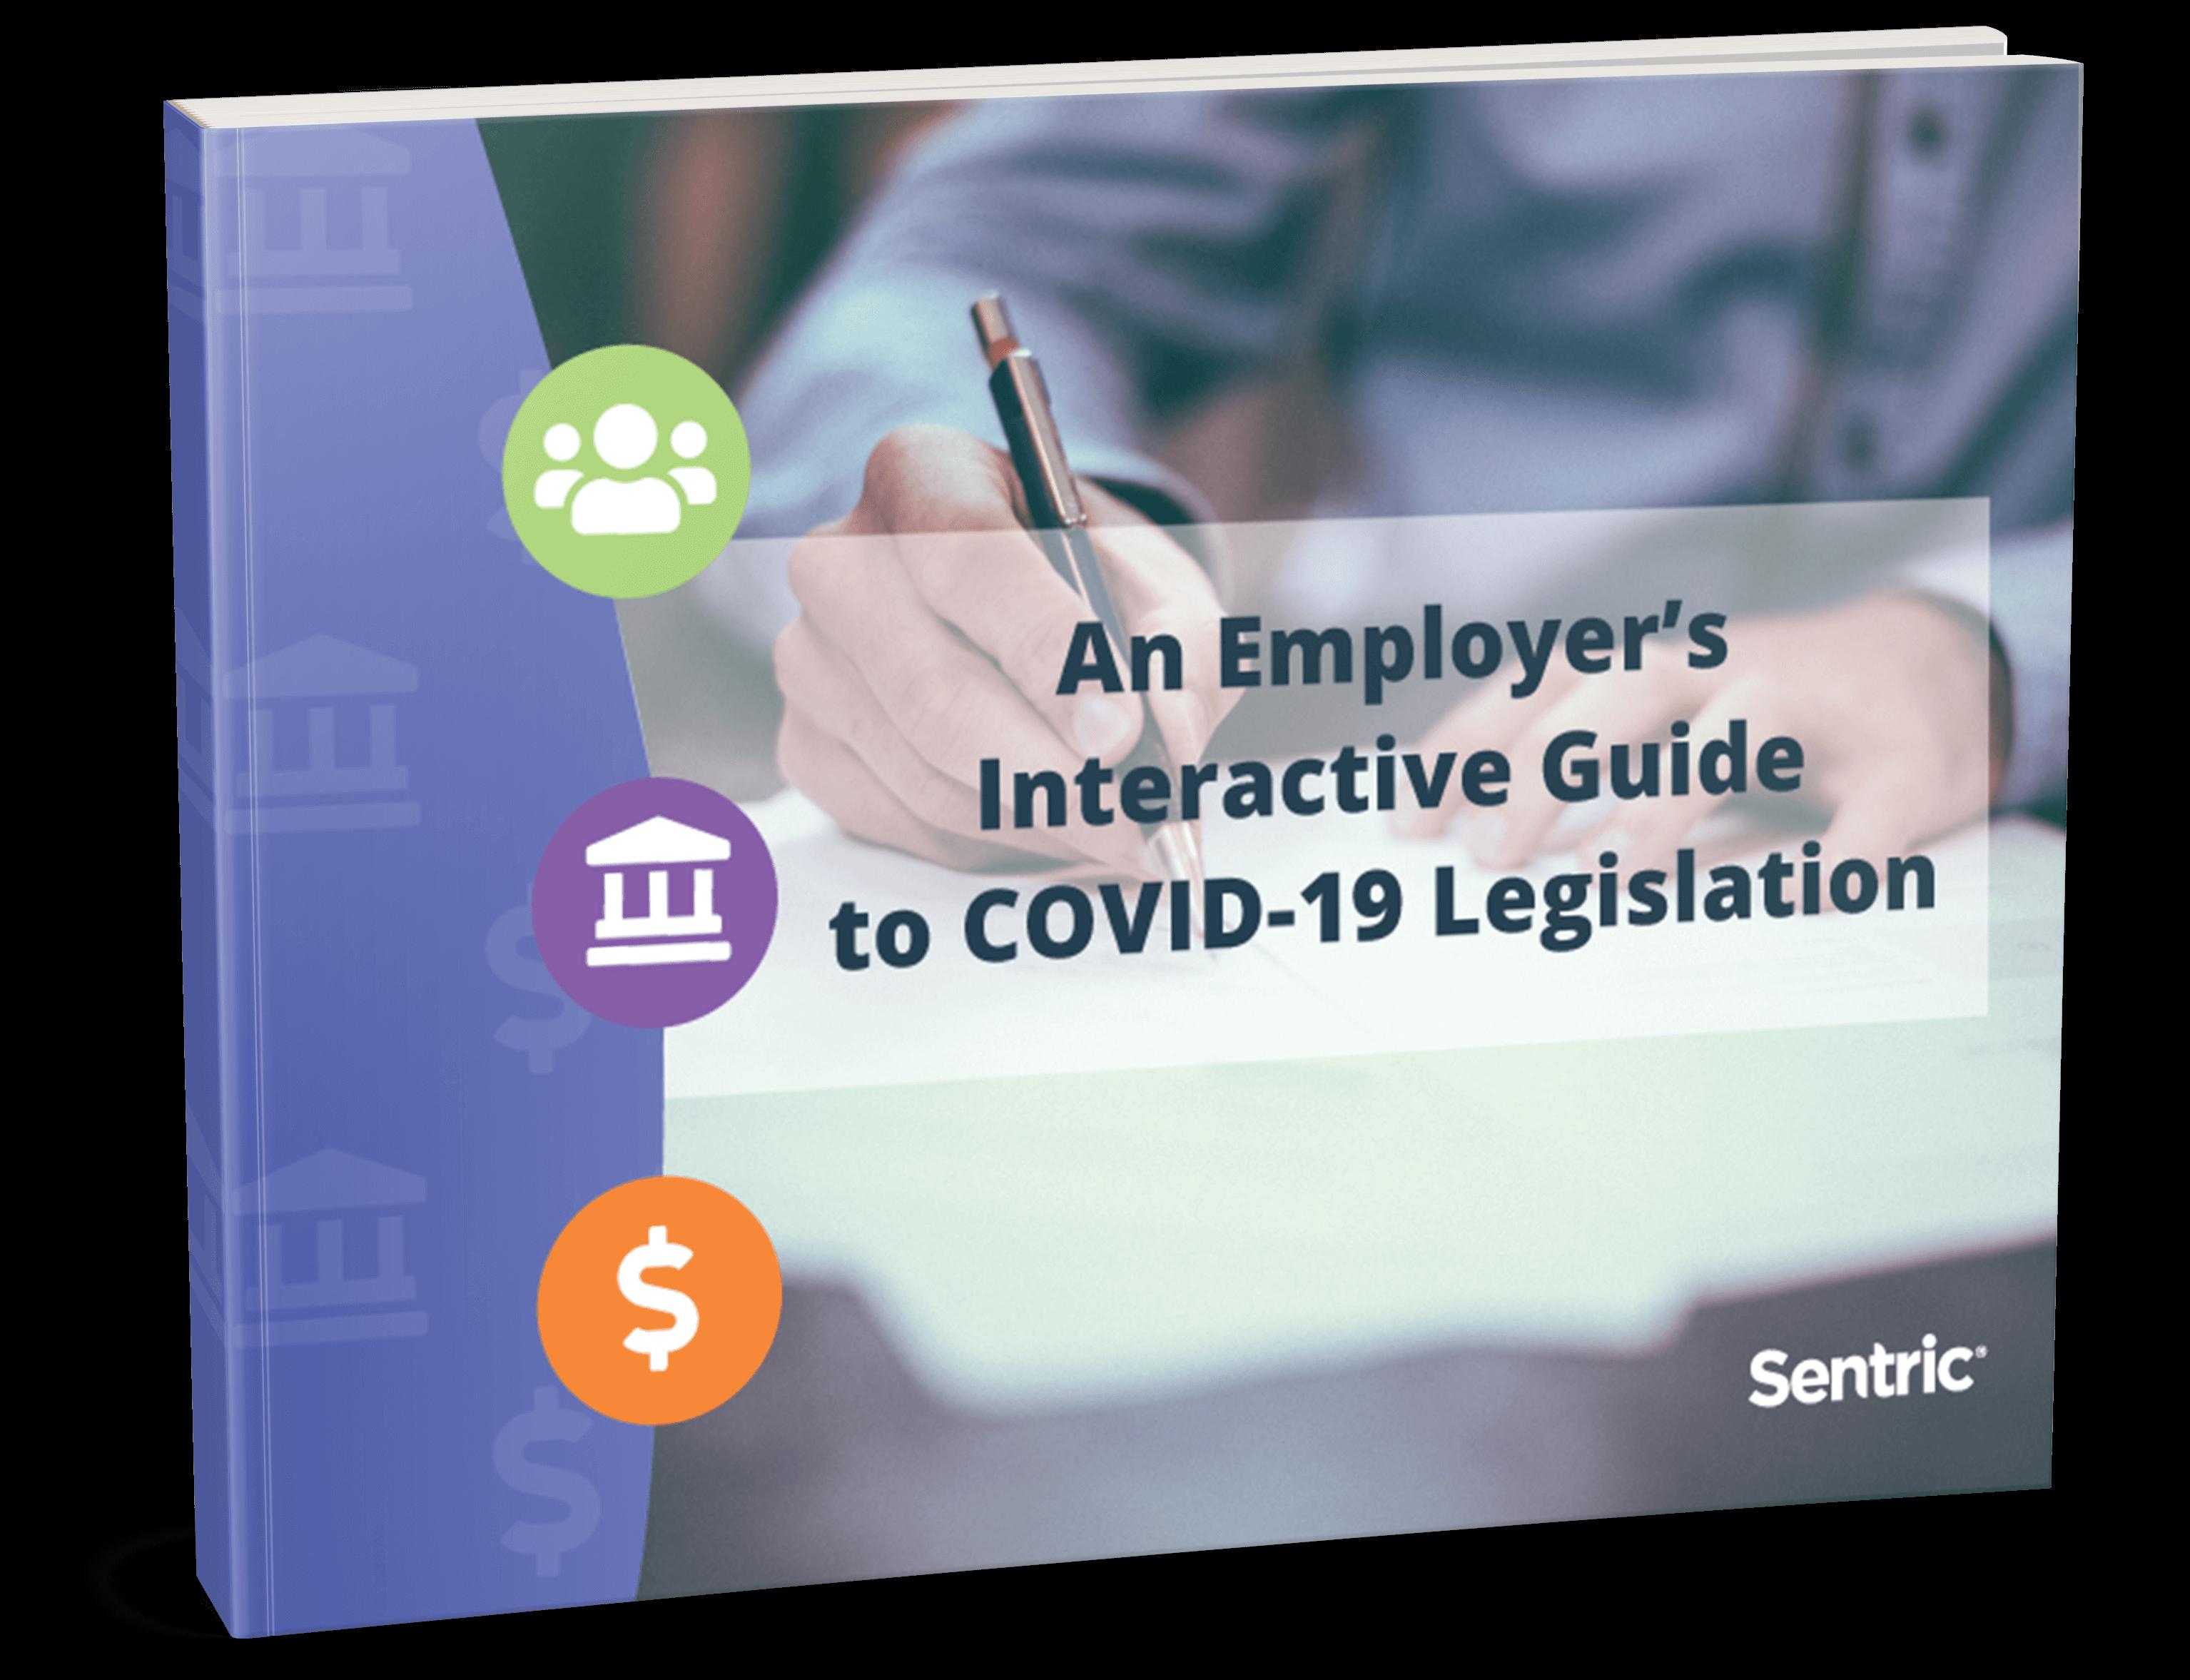 guide to COVID-19 legislation